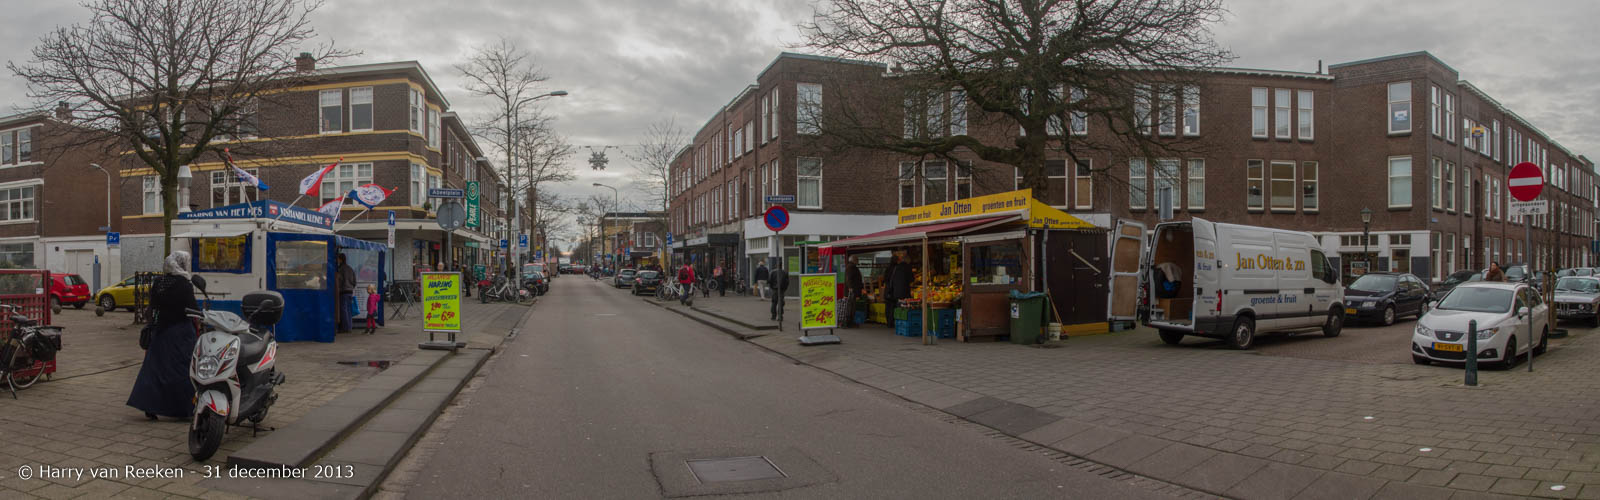 Abeelplein-Fahrenheitstraat-pano-1